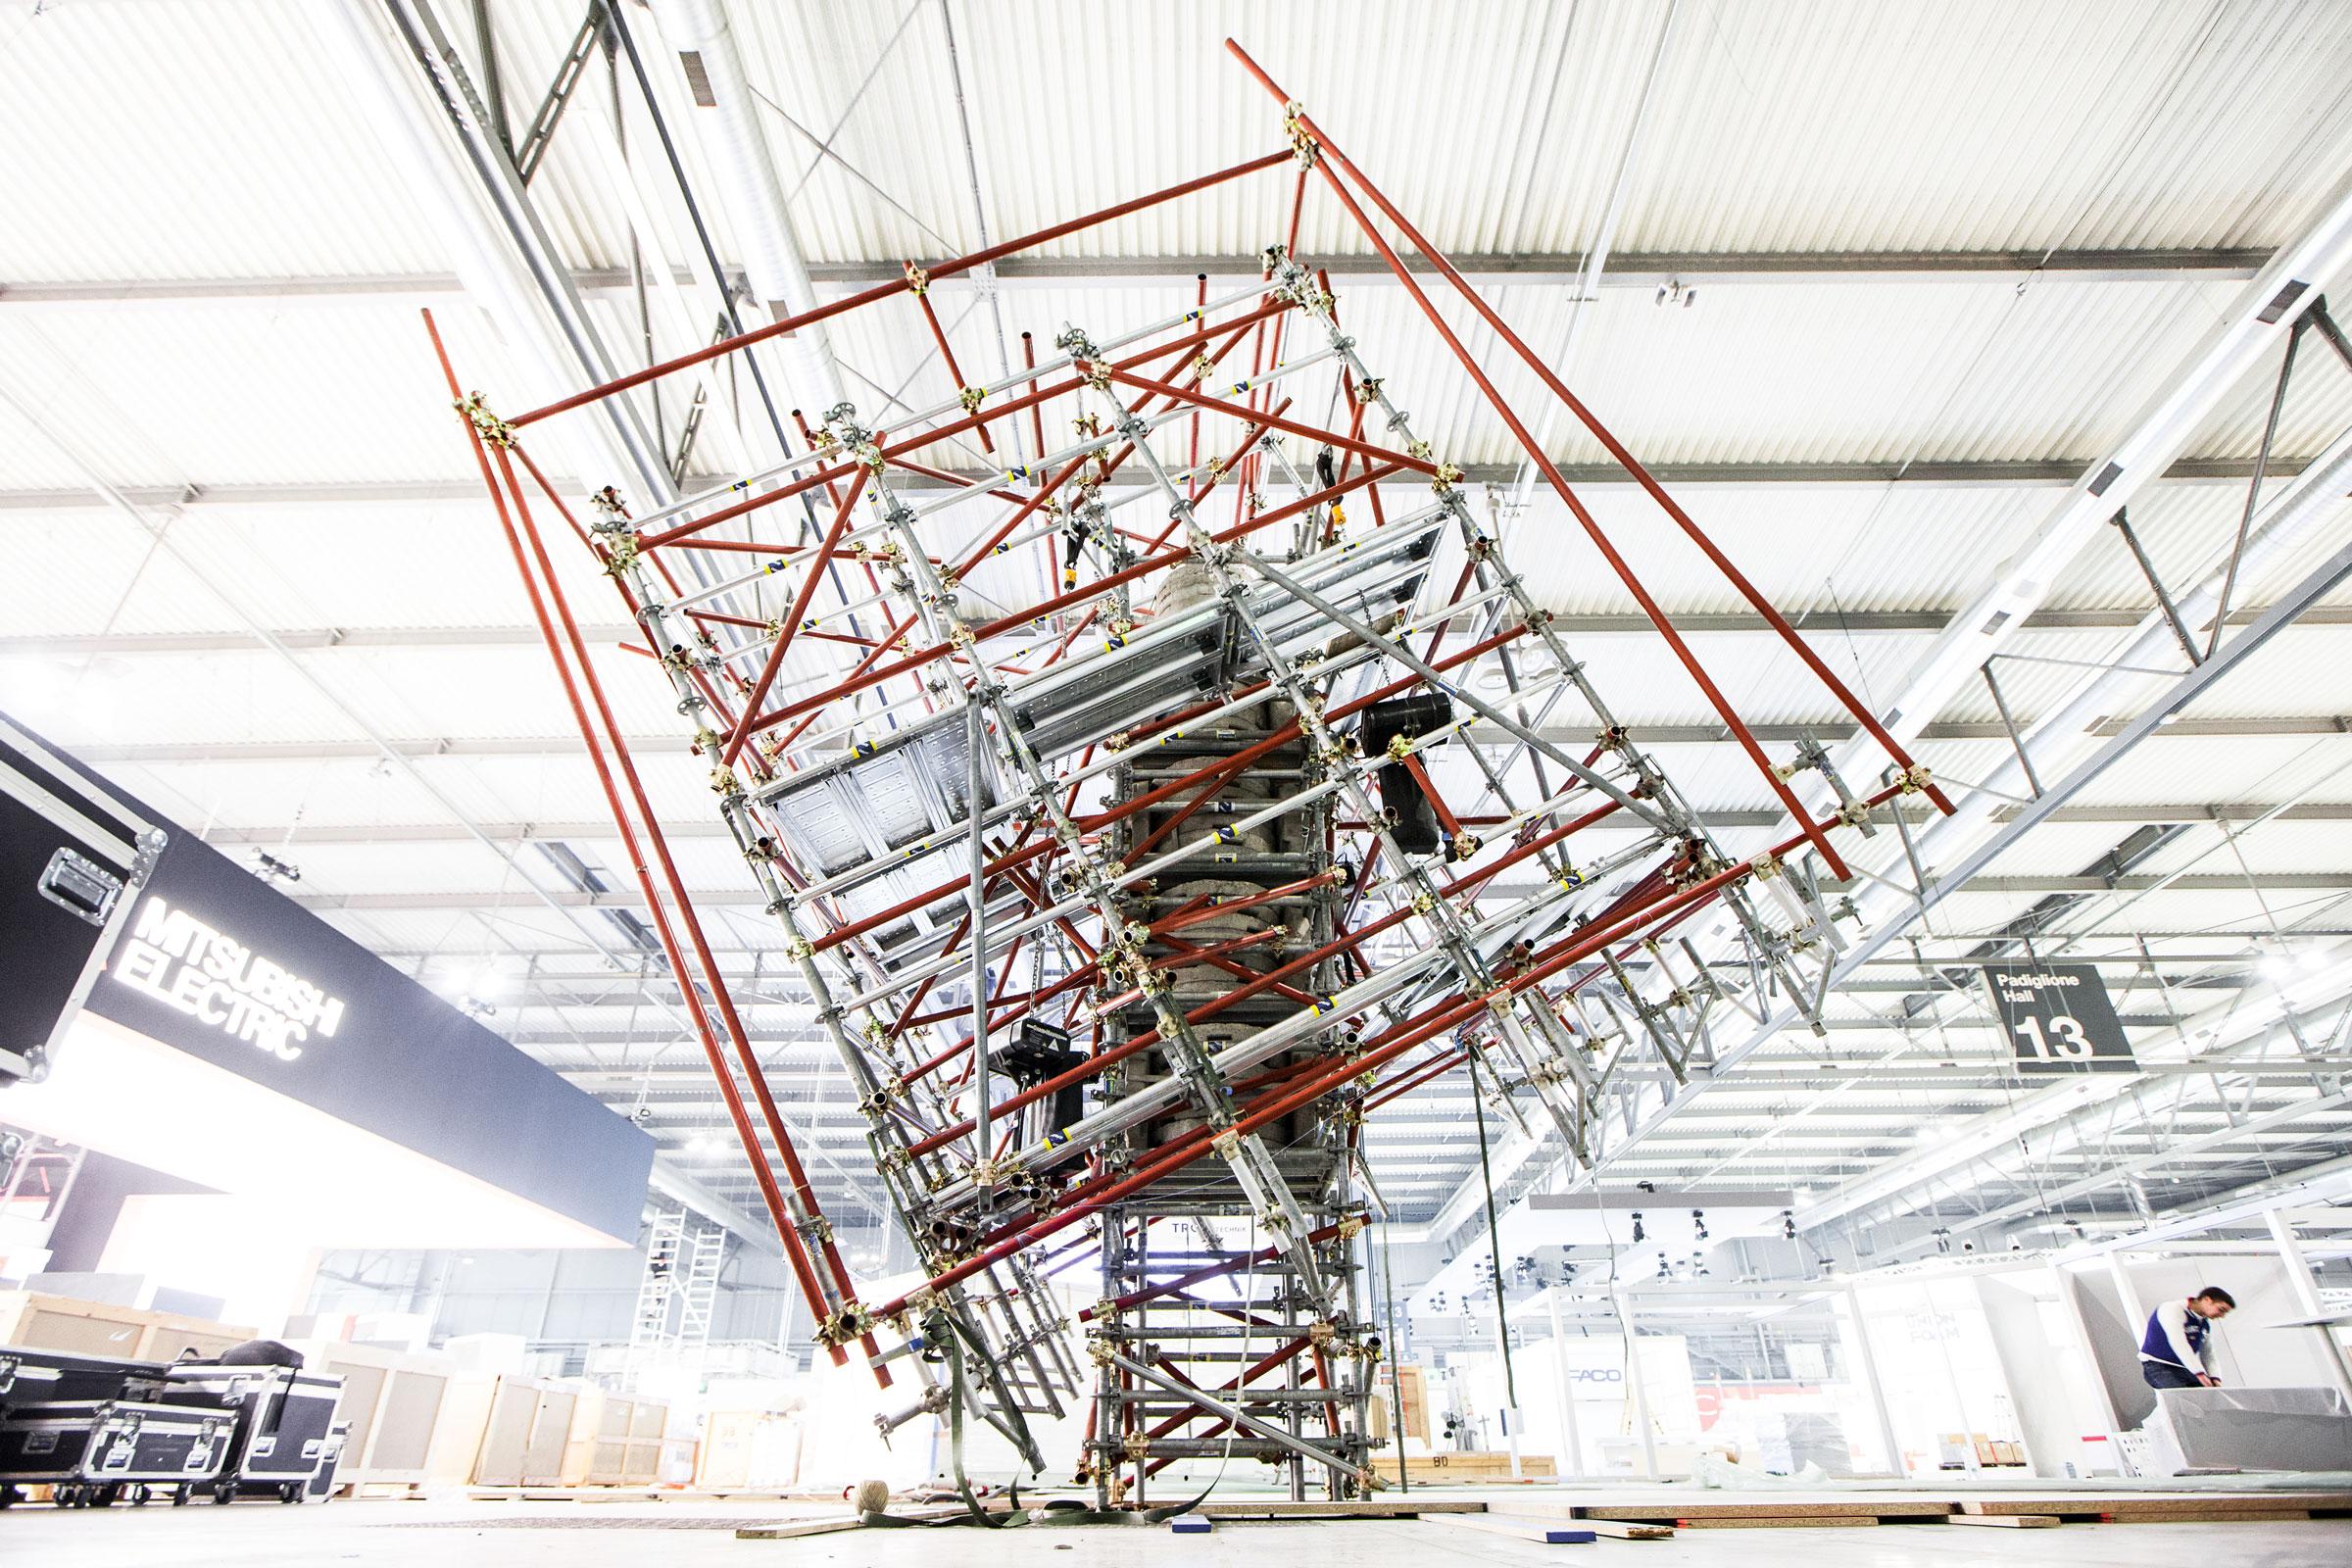 reportage aziendale fotografia cubo struttura